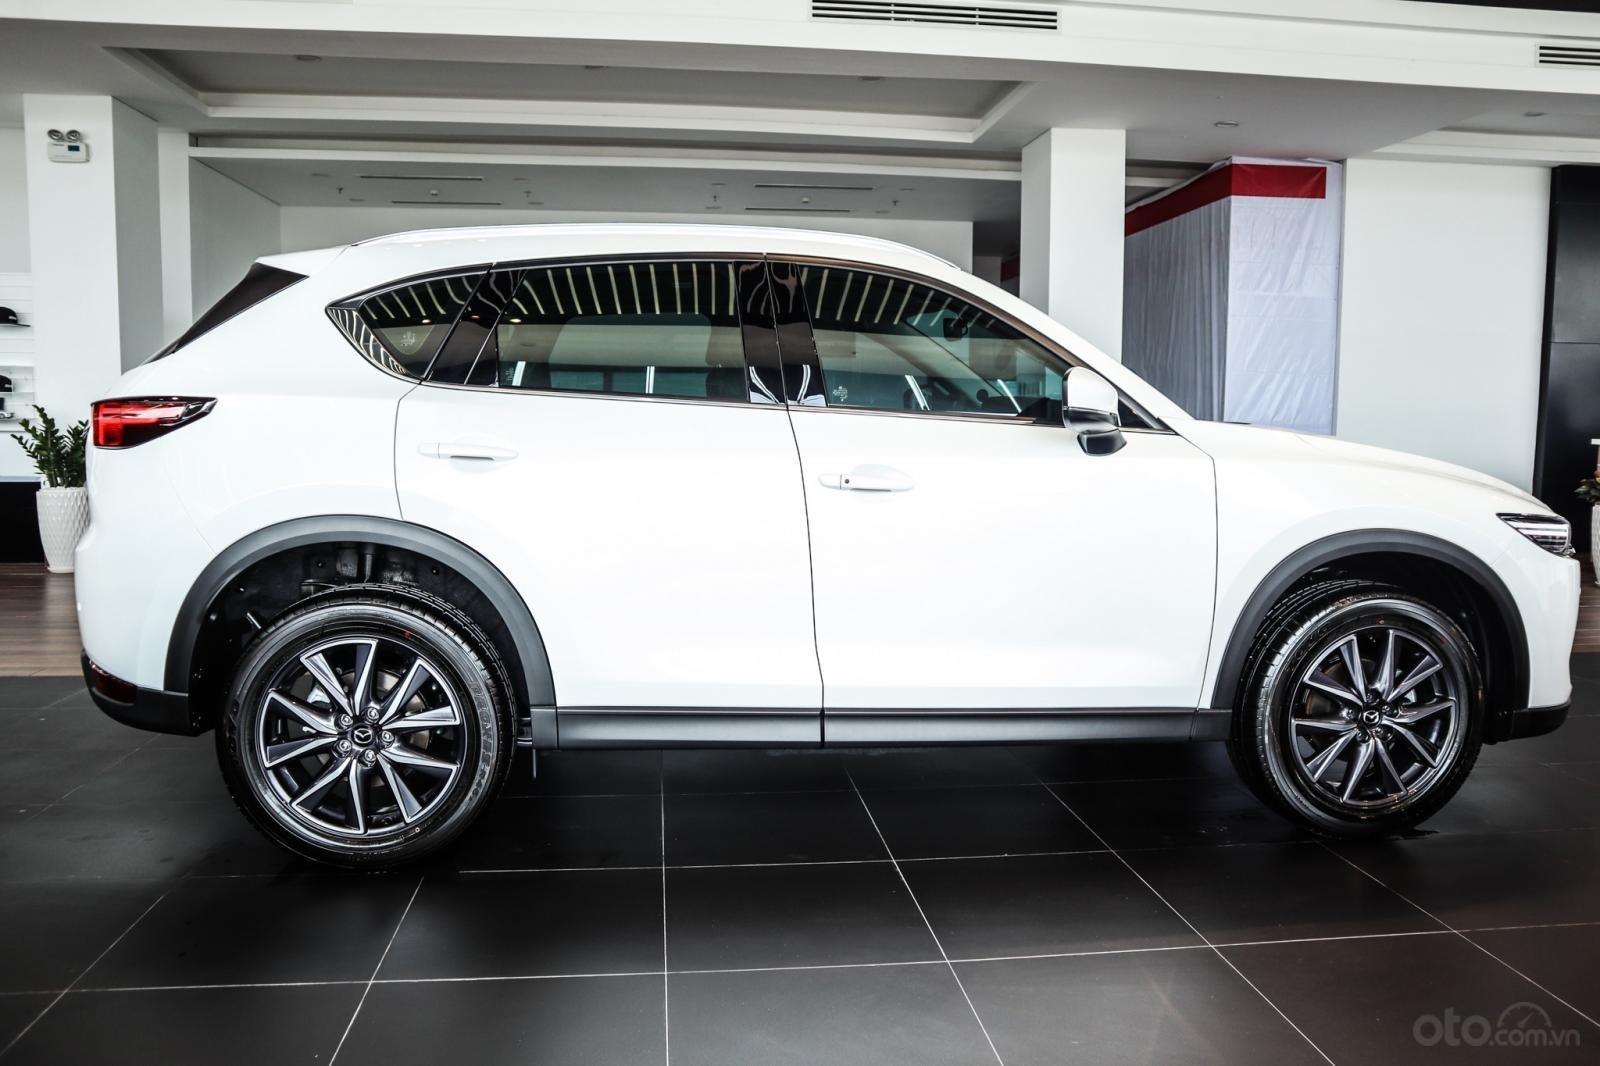 Mazda CX5 giá từ 849 triệu, xe giao ngay, đủ màu, phiên bản, liên hệ ngay với chúng tôi để nhận được ưu đãi tốt nhất (3)